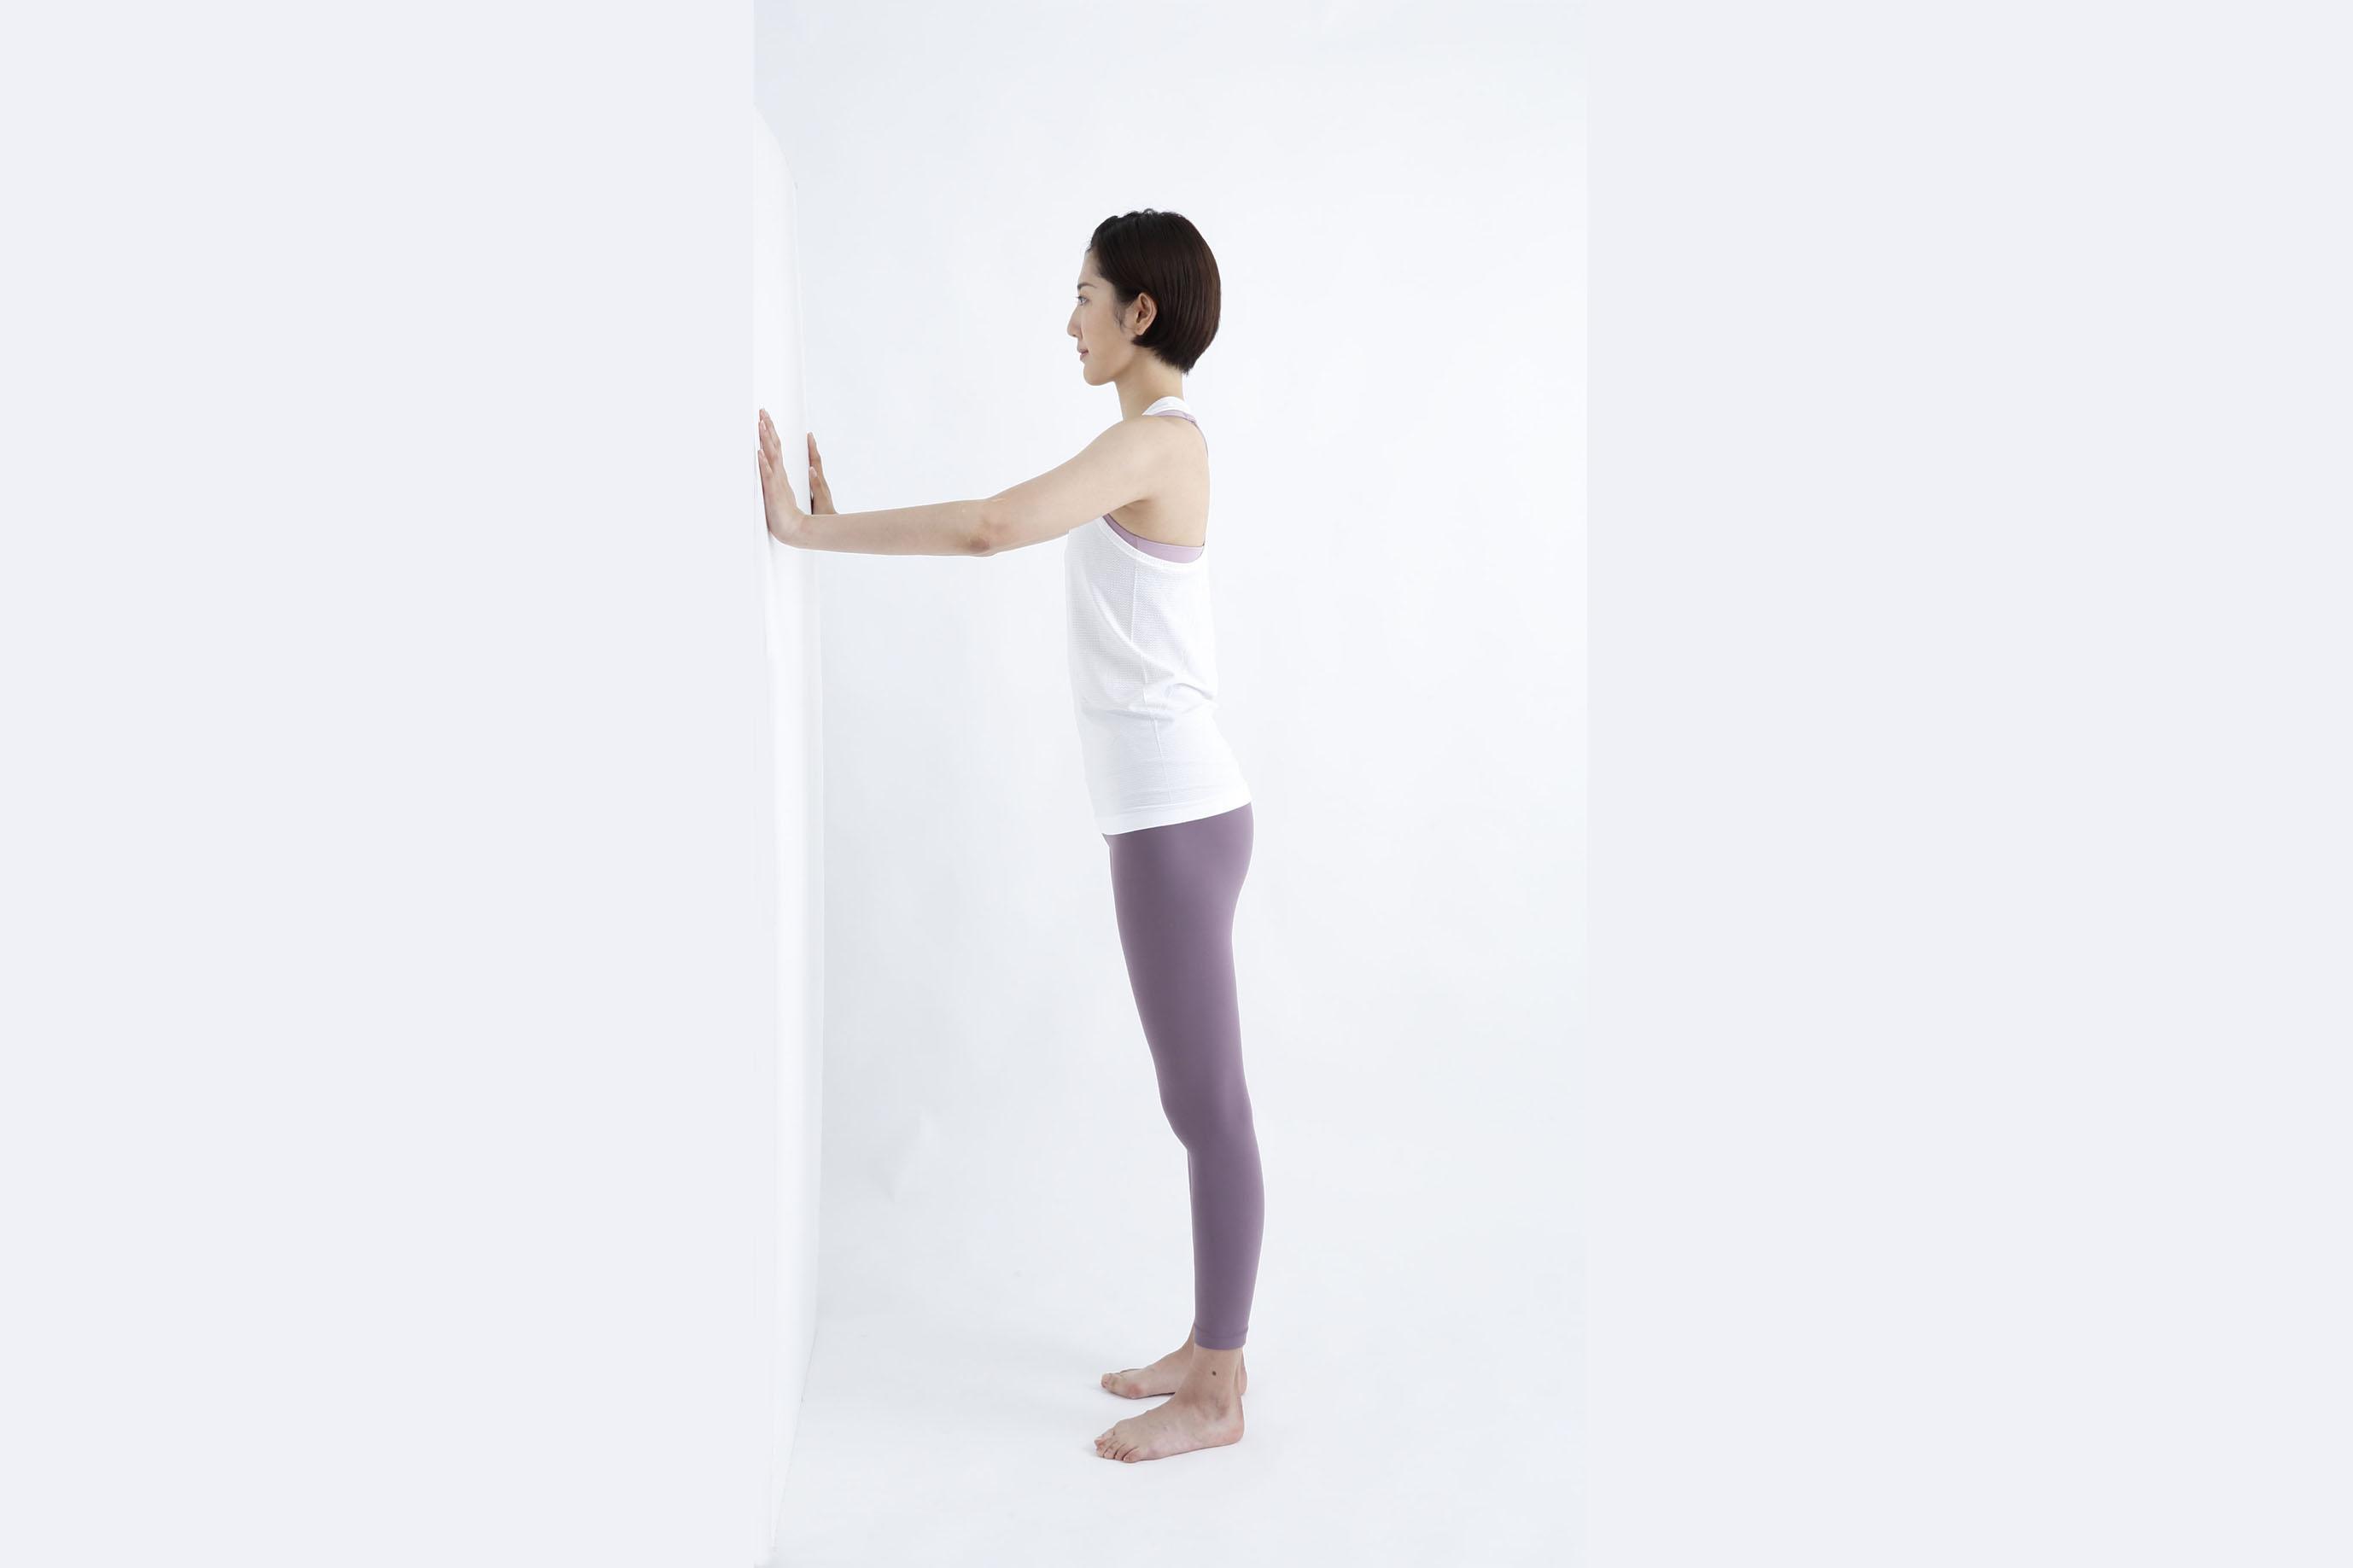 壁の前に立ち、両手を伸ばしている様子